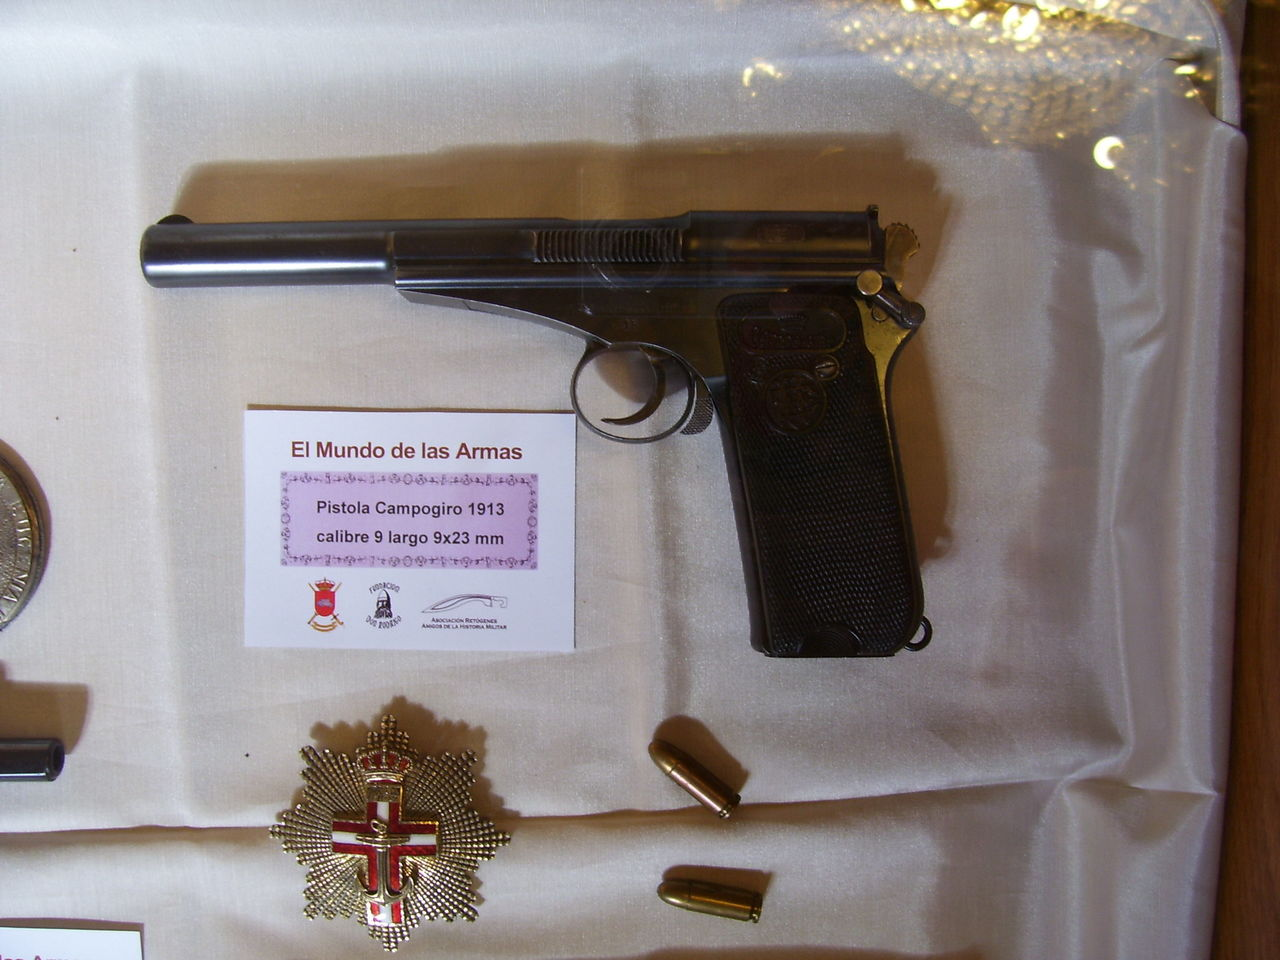 """Exposición """"EL MUNDO DE LAS ARMAS"""", Burgos, 10-25 Mayo 2013. 20130512_Burgos_032"""